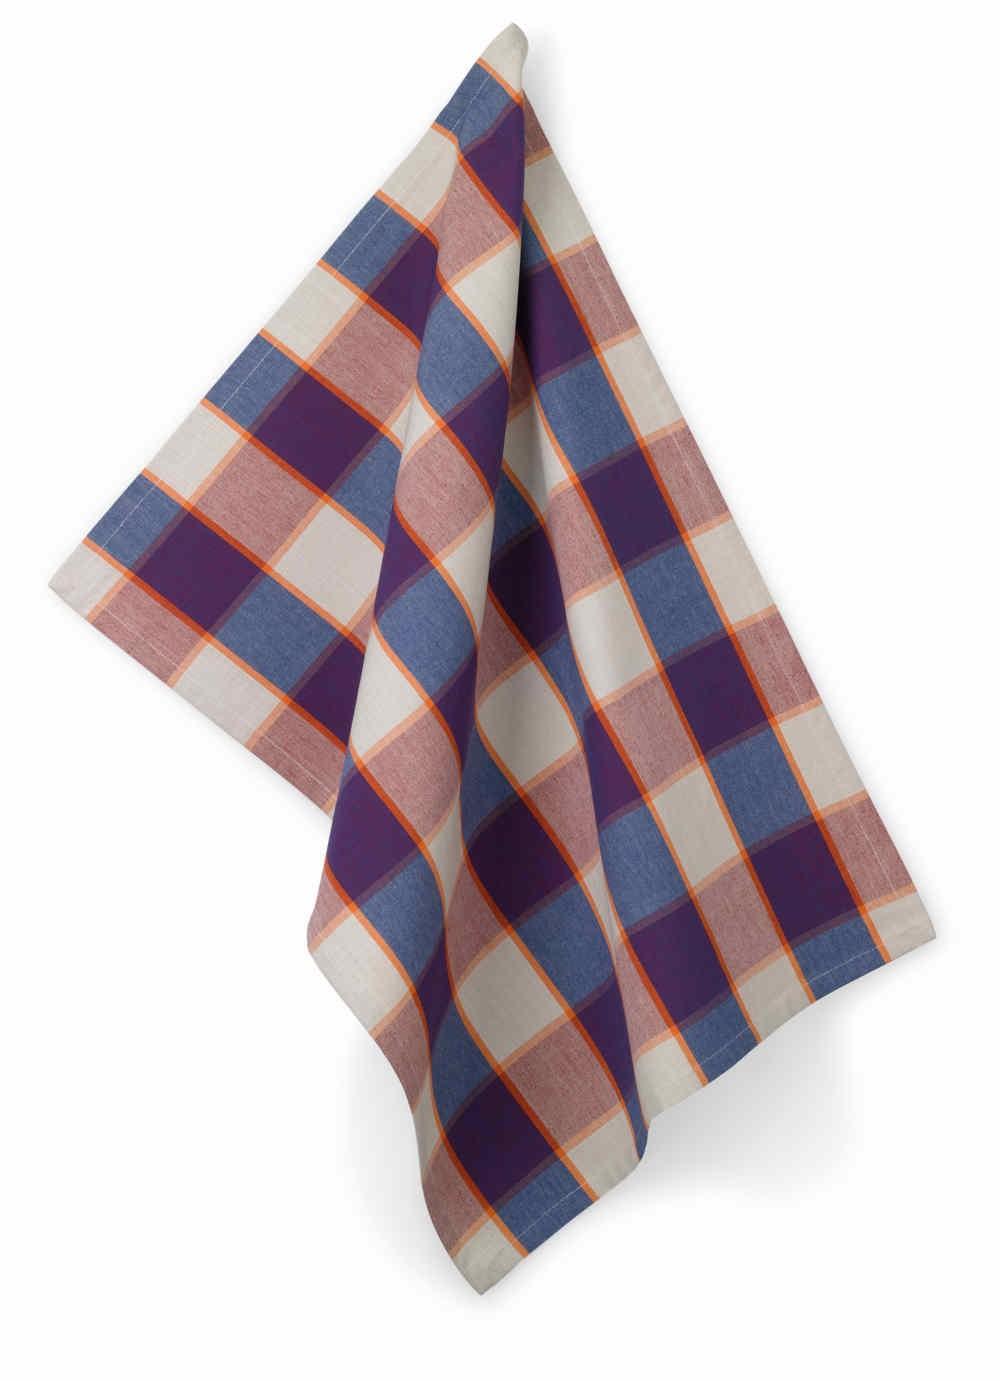 Utěrka ETHNO 100% bavlna, kostka modrá, 50x70cm